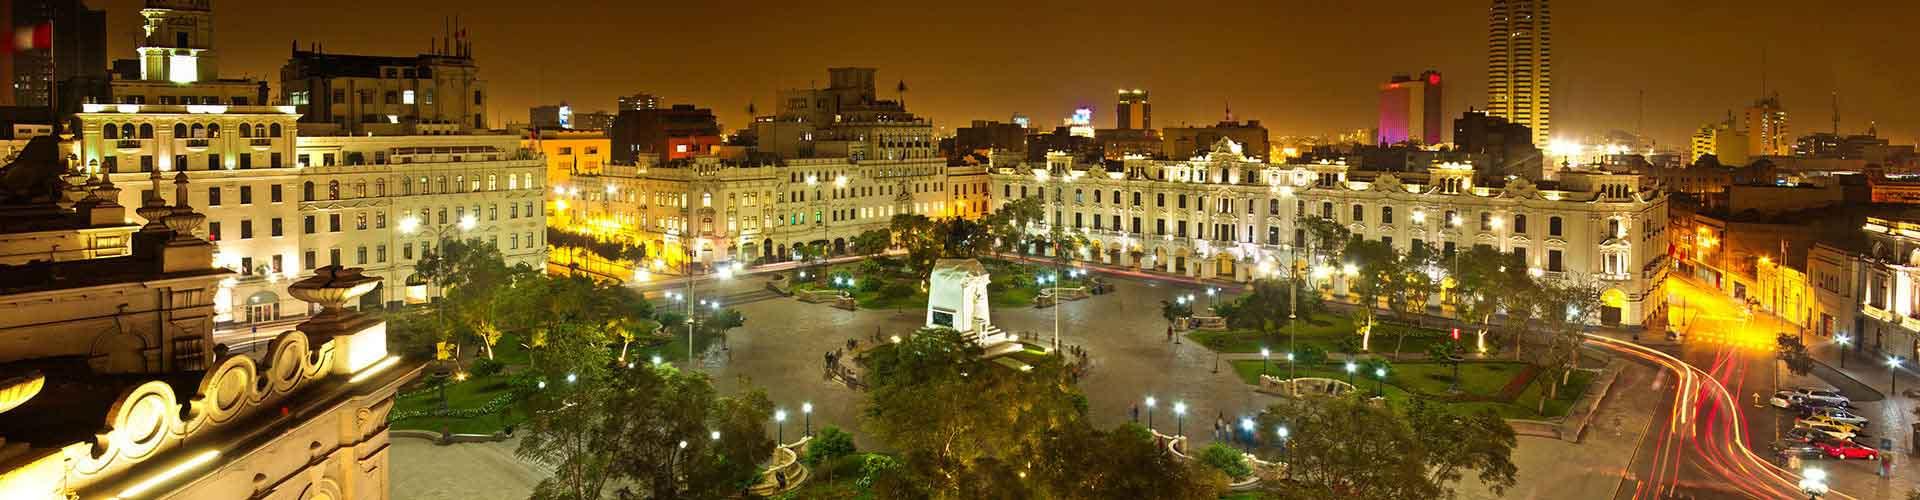 Lima - Ifjúsági Szállások Limaben. Lima térképek, fotók és ajánlások minden egyes ifjúsági szállásokra Lima-ben.